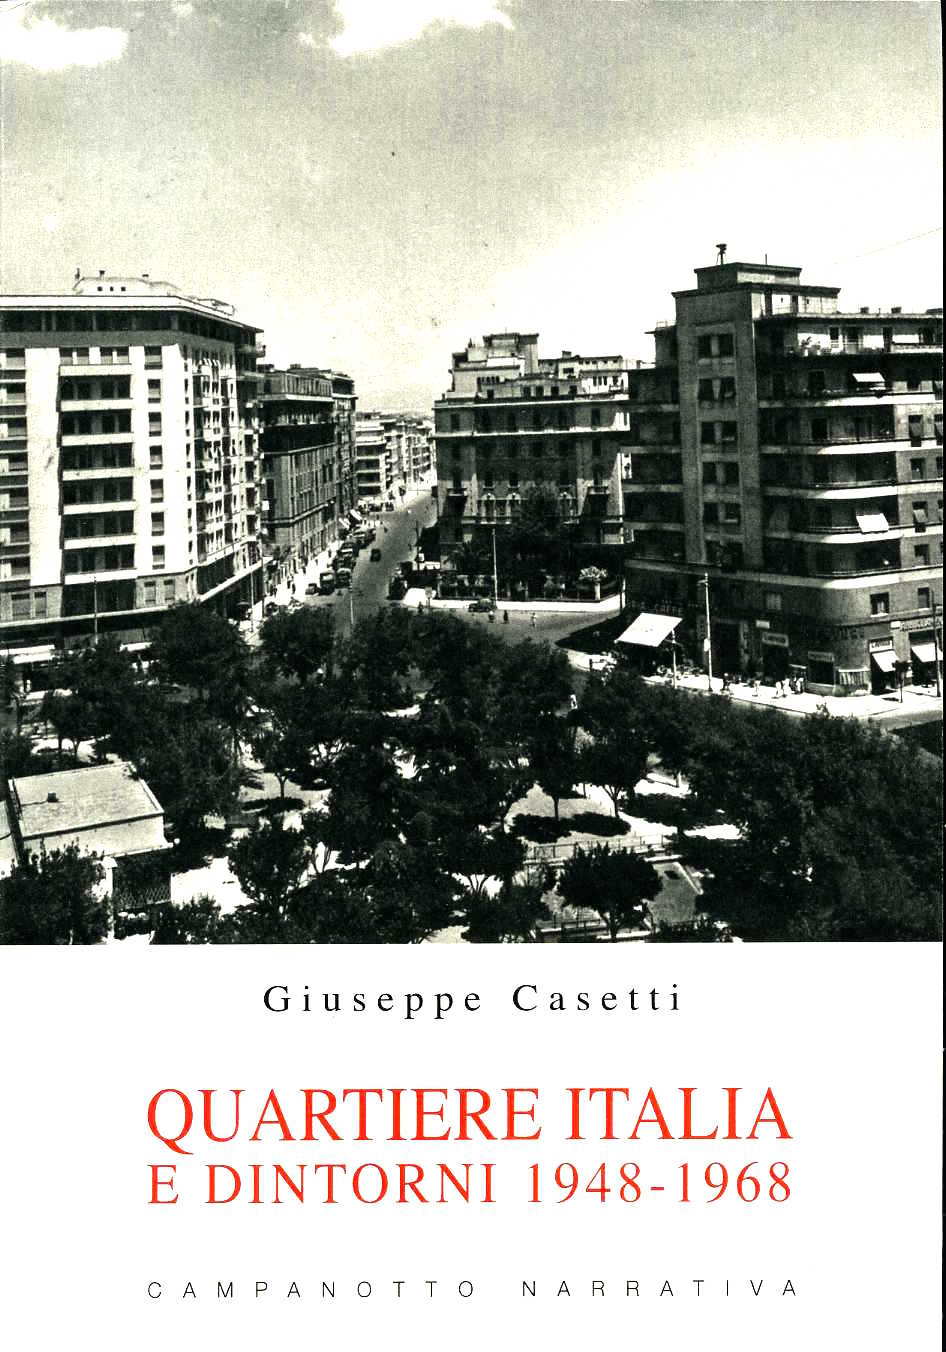 Giuseppe Casetti Quartiere Italia e dintorni 1948-1968